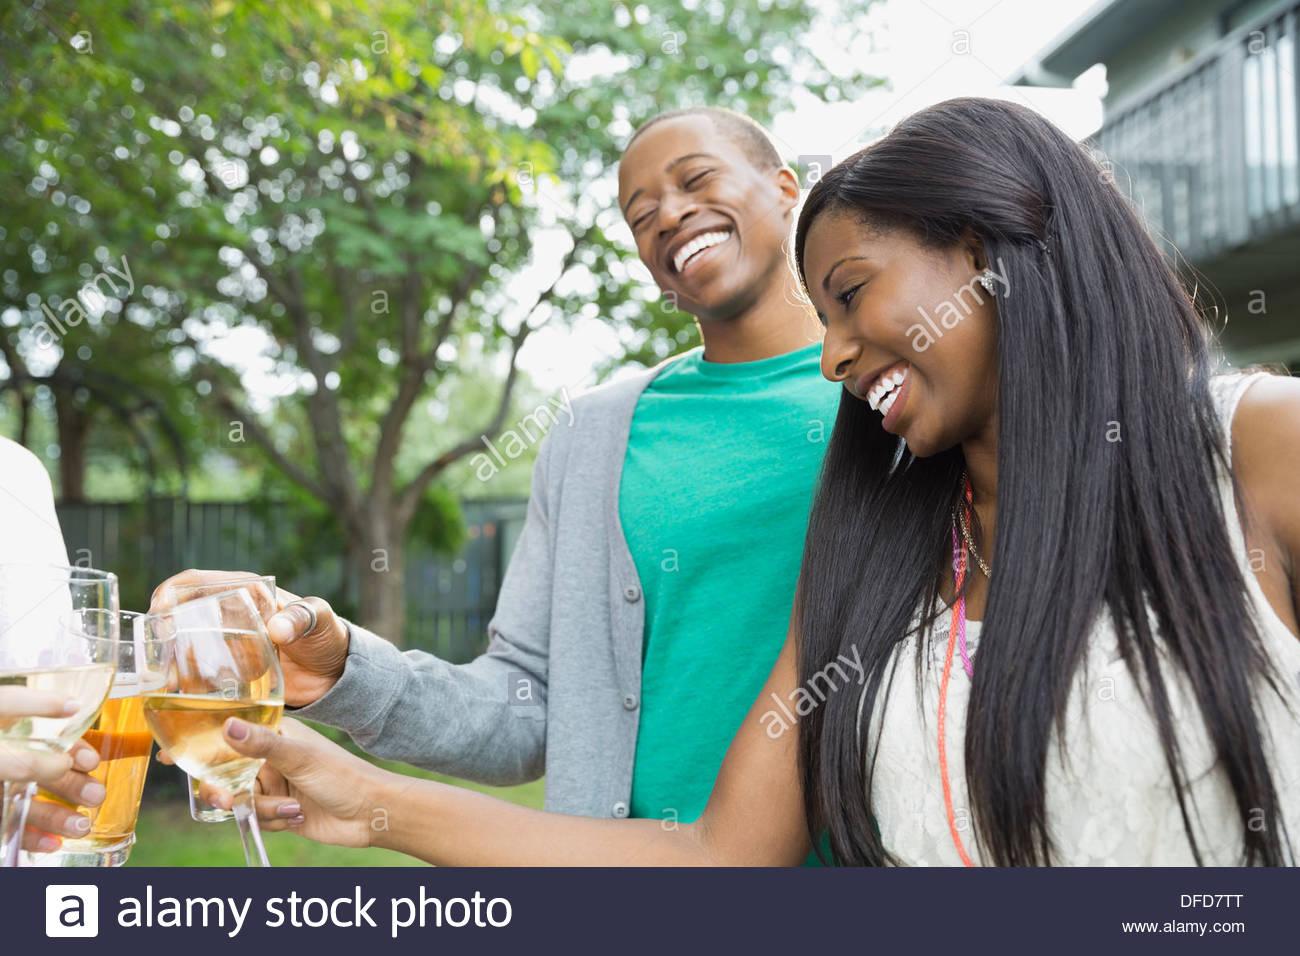 Allegro giovane tostare un drink con amici in esterno Immagini Stock